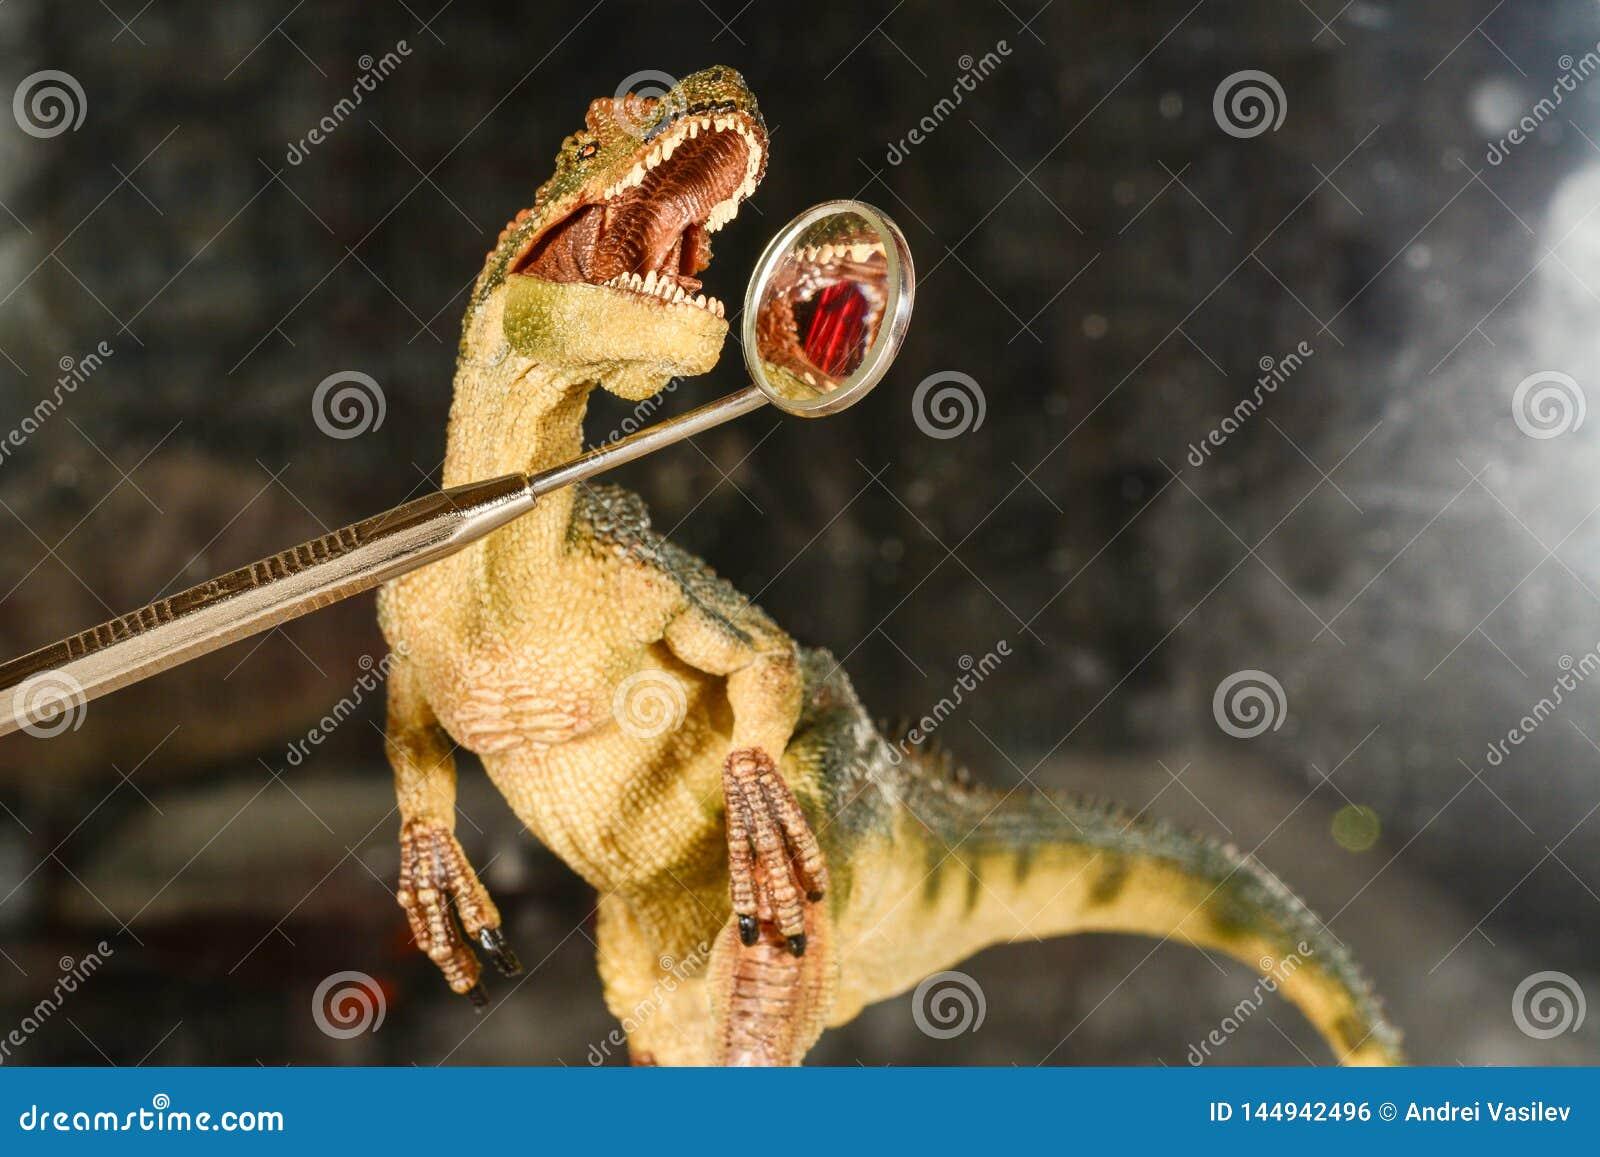 Велоцираптор динозавра смотрит зубы в зубоврачебном зеркале Концепция зубоврачебной заботы Динозавр игрушки на приеме